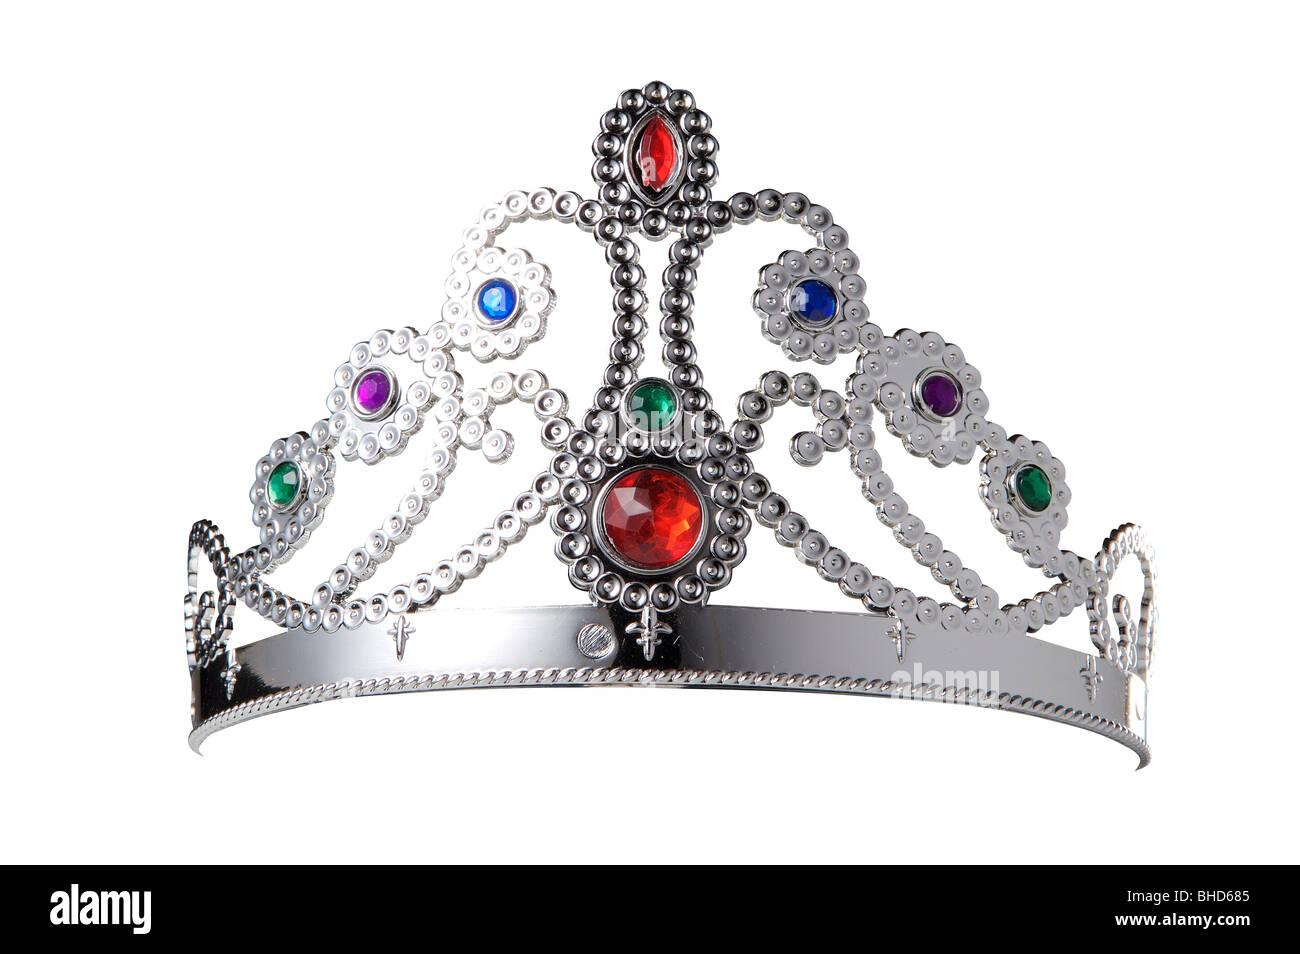 Tiara, Krone, Schmuck, Ausschnitt, Prinzessin, verkleiden, Edelsteine, Silber Stockbild